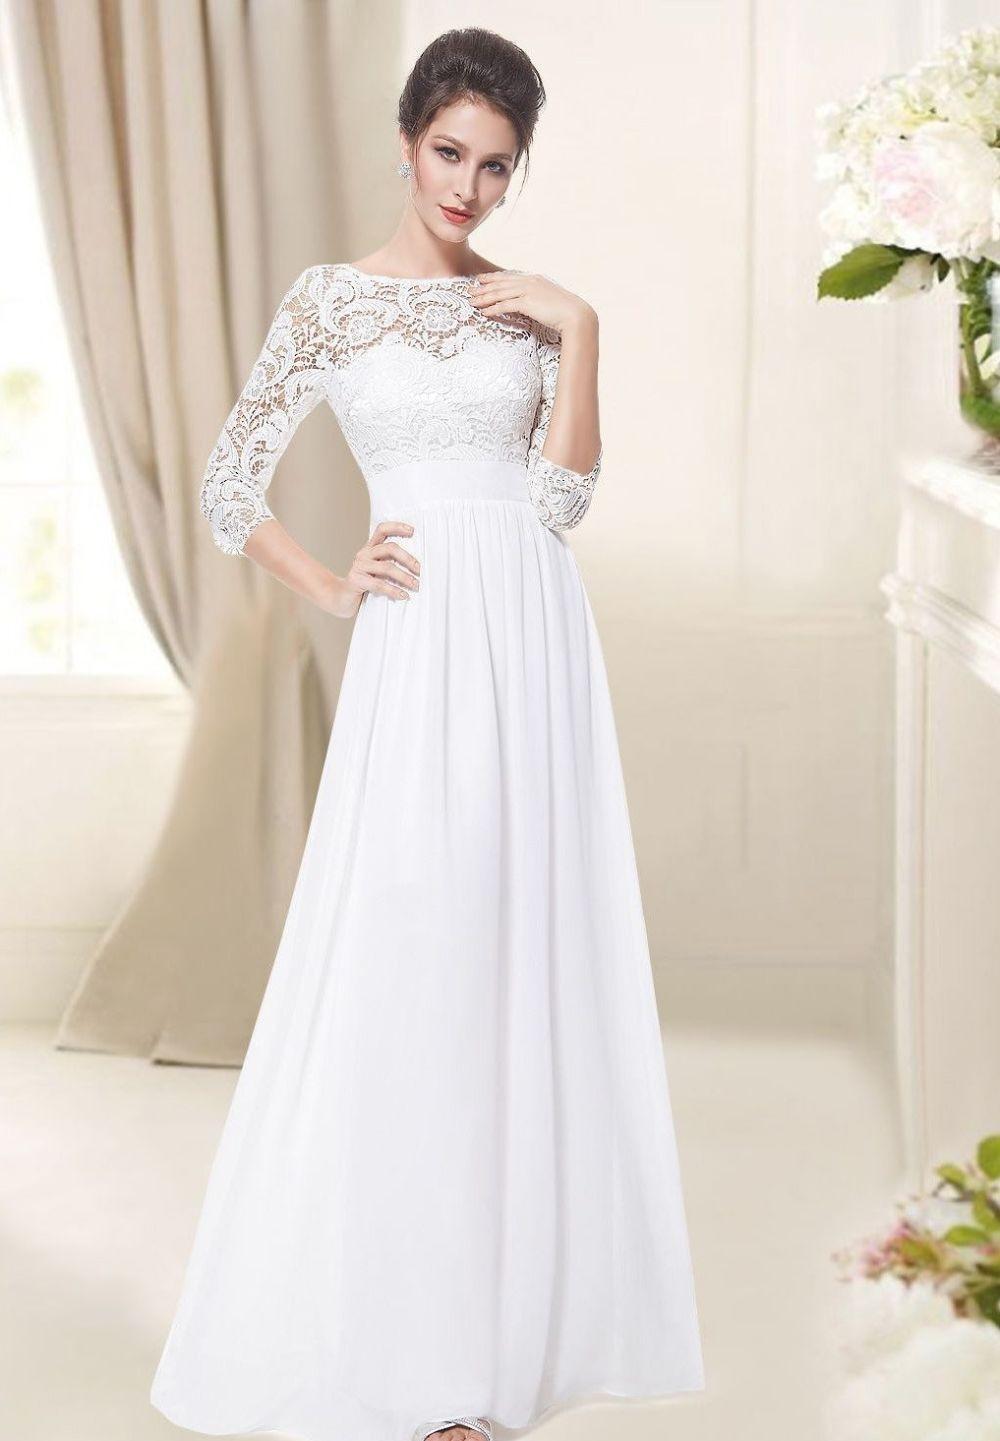 модное вечернее платье белое рукава 3/4 ажурные 2018 года тенденции фото новинки тренды